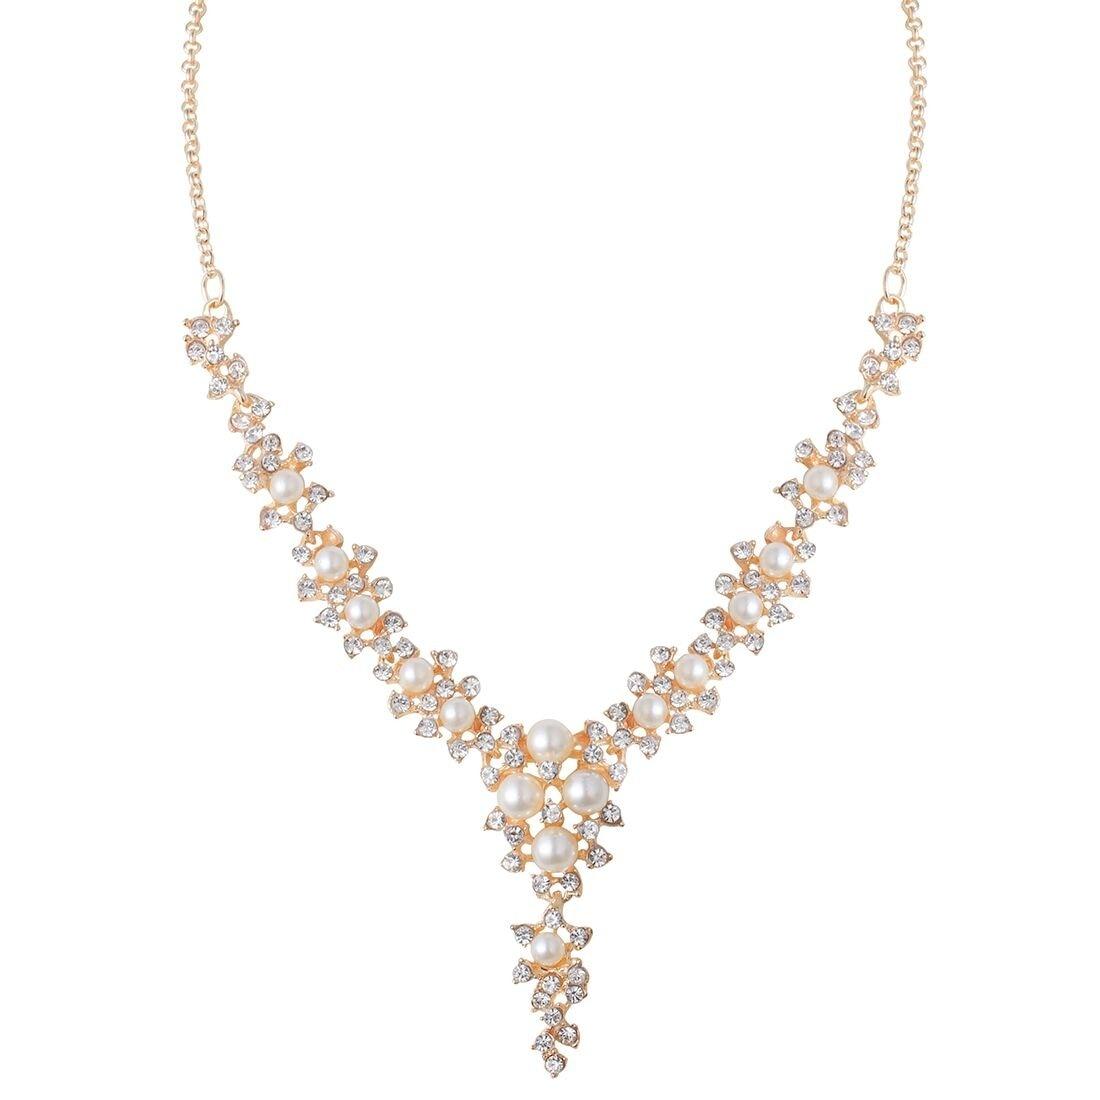 ce8513e0ee Hot Sale] New Design Lace Chain Choker Necklace Hi end Vivi big ...